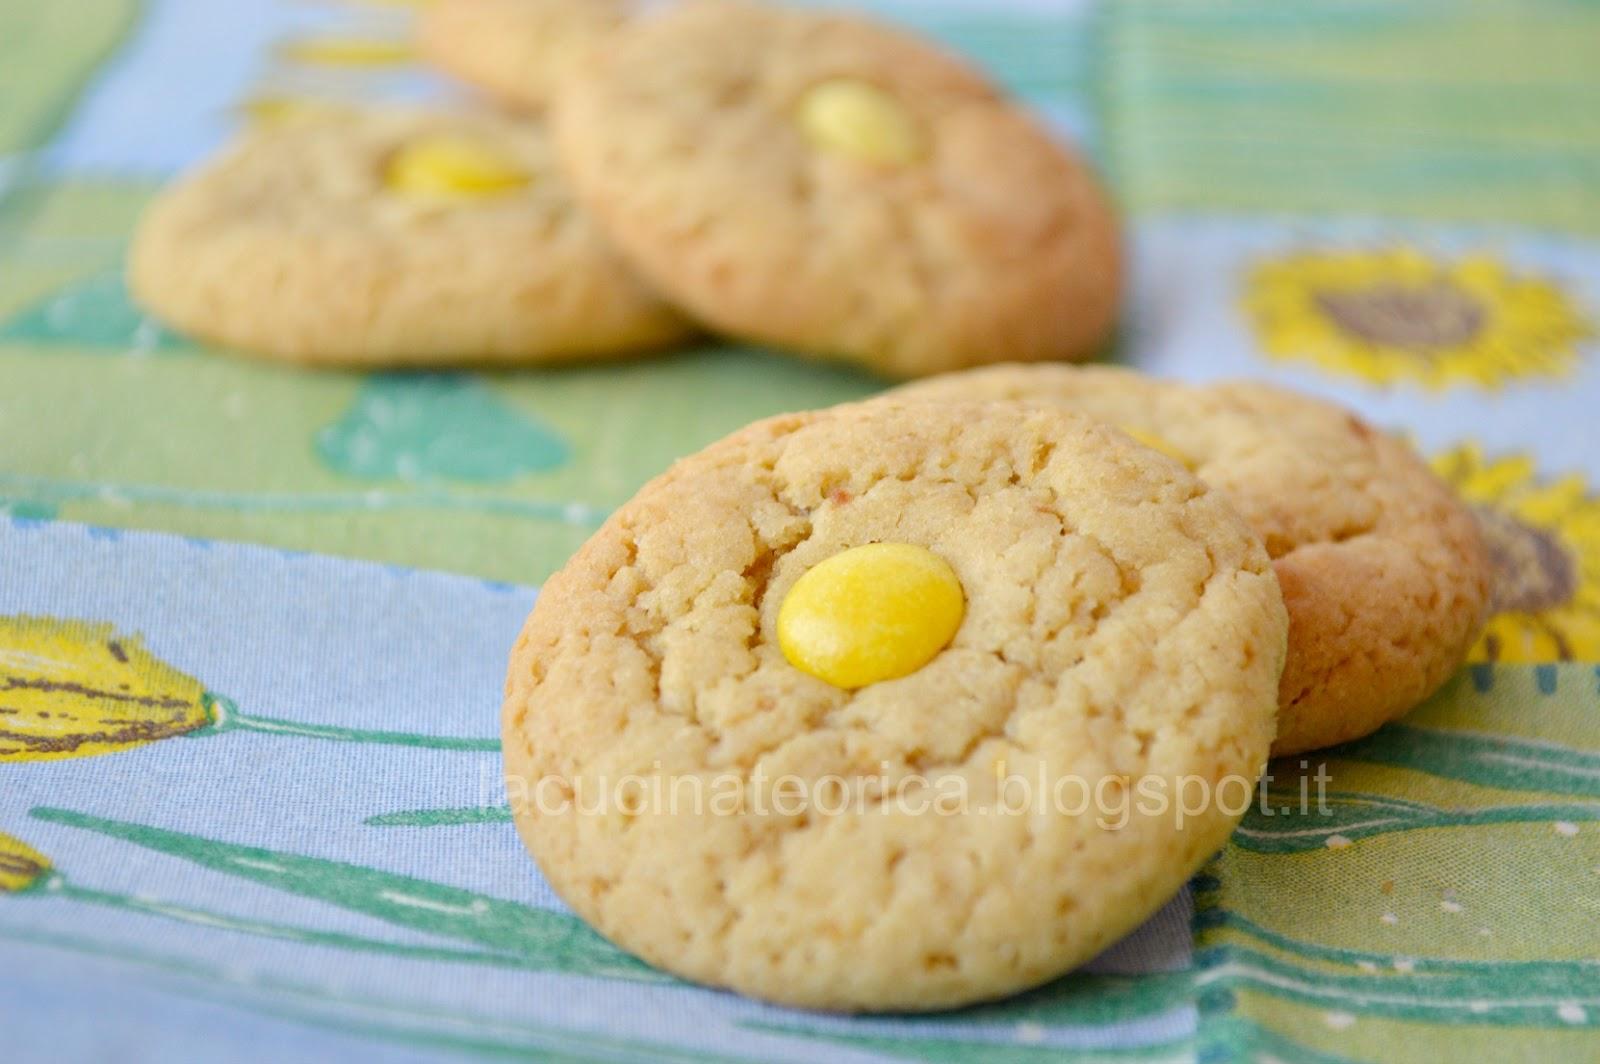 Biscotti al Profumo di Limoni di Sorrento